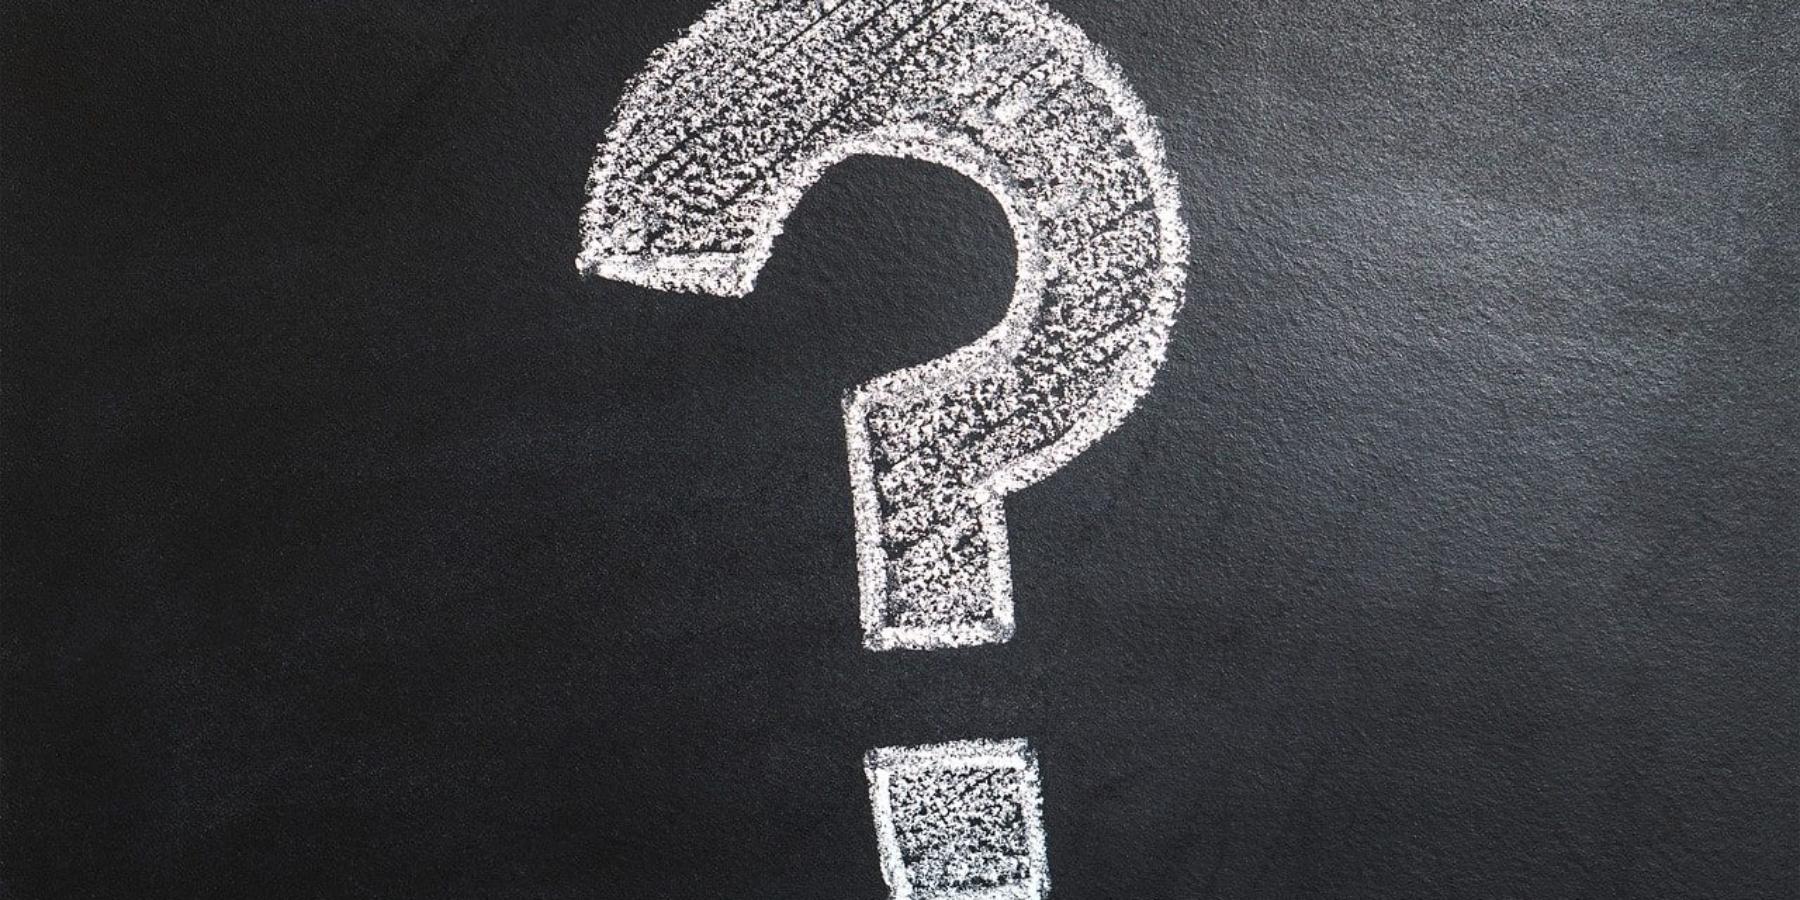 Dlaczego warto inwestować wemail marketing? 7 najważniejszych powodów